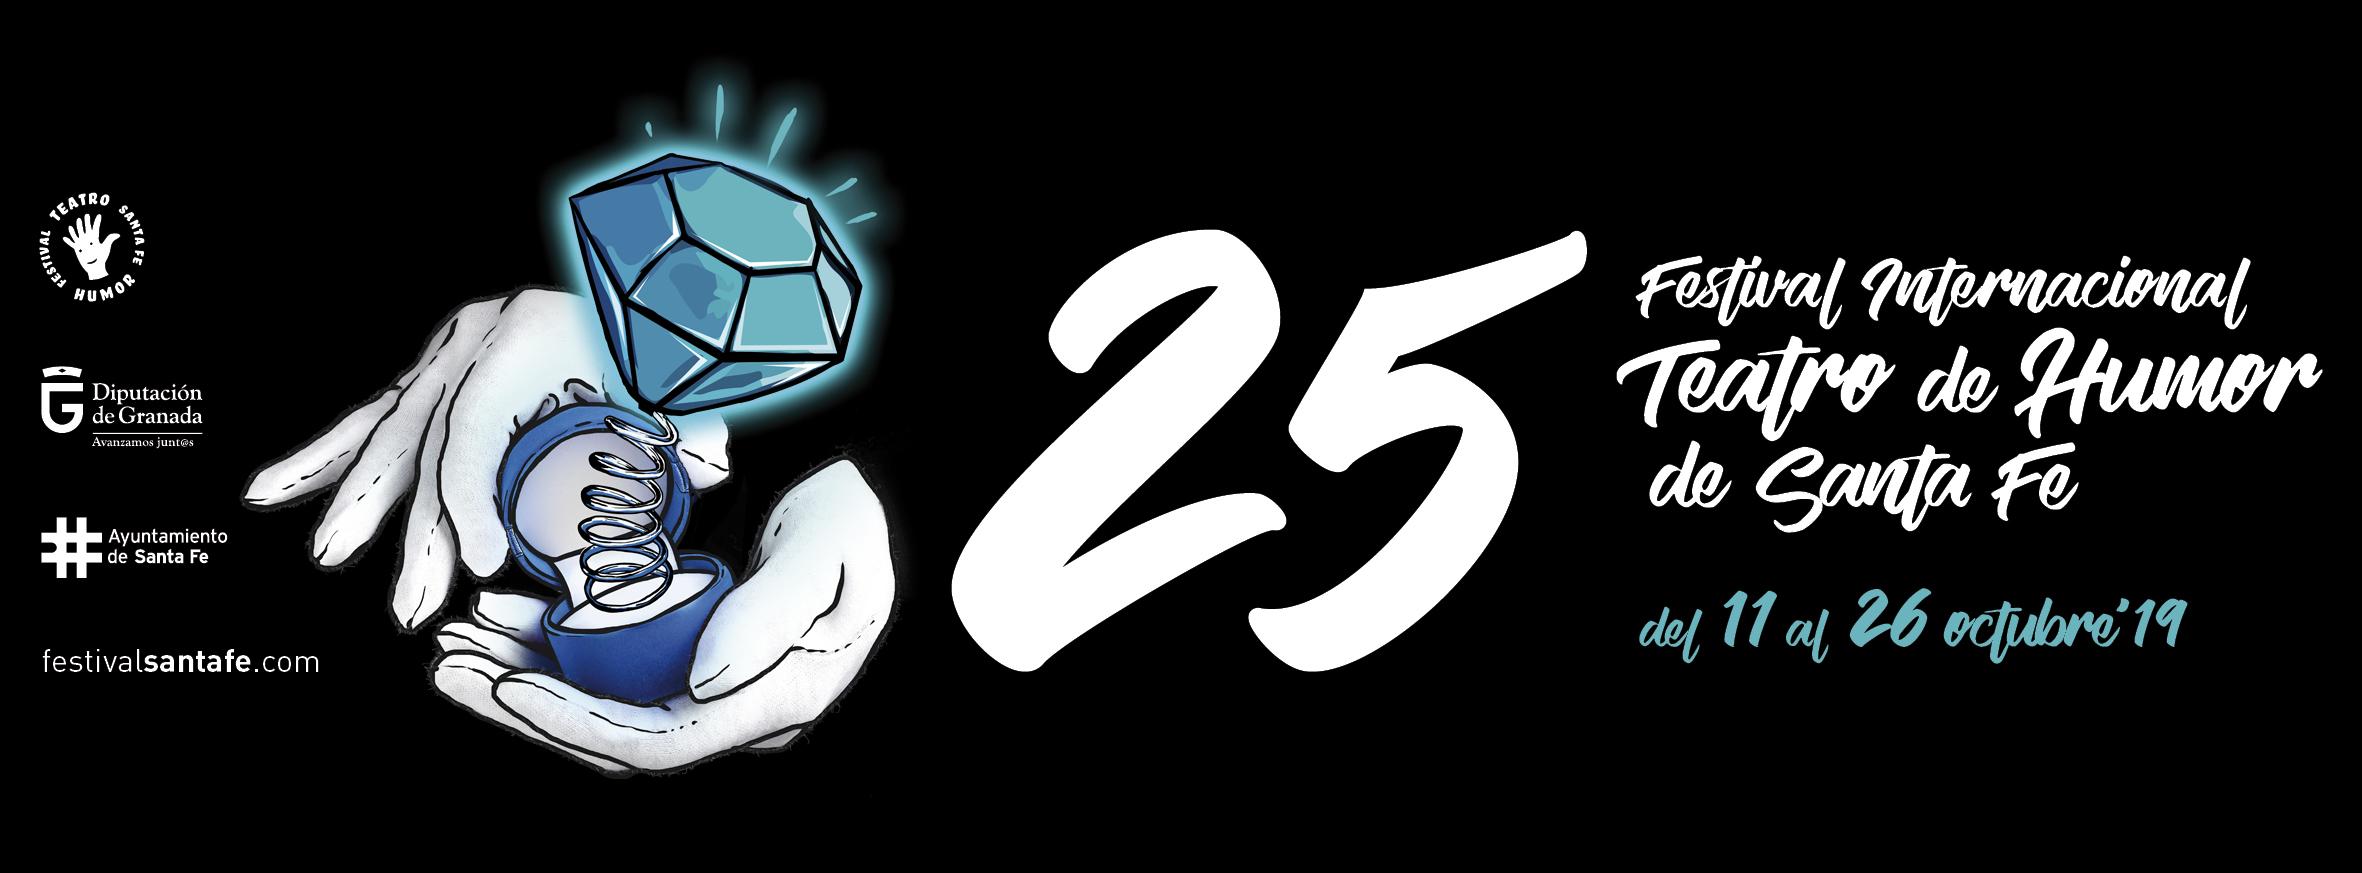 25 Festival Internacional de teatro de Humor de Santa Fe – Programación completa